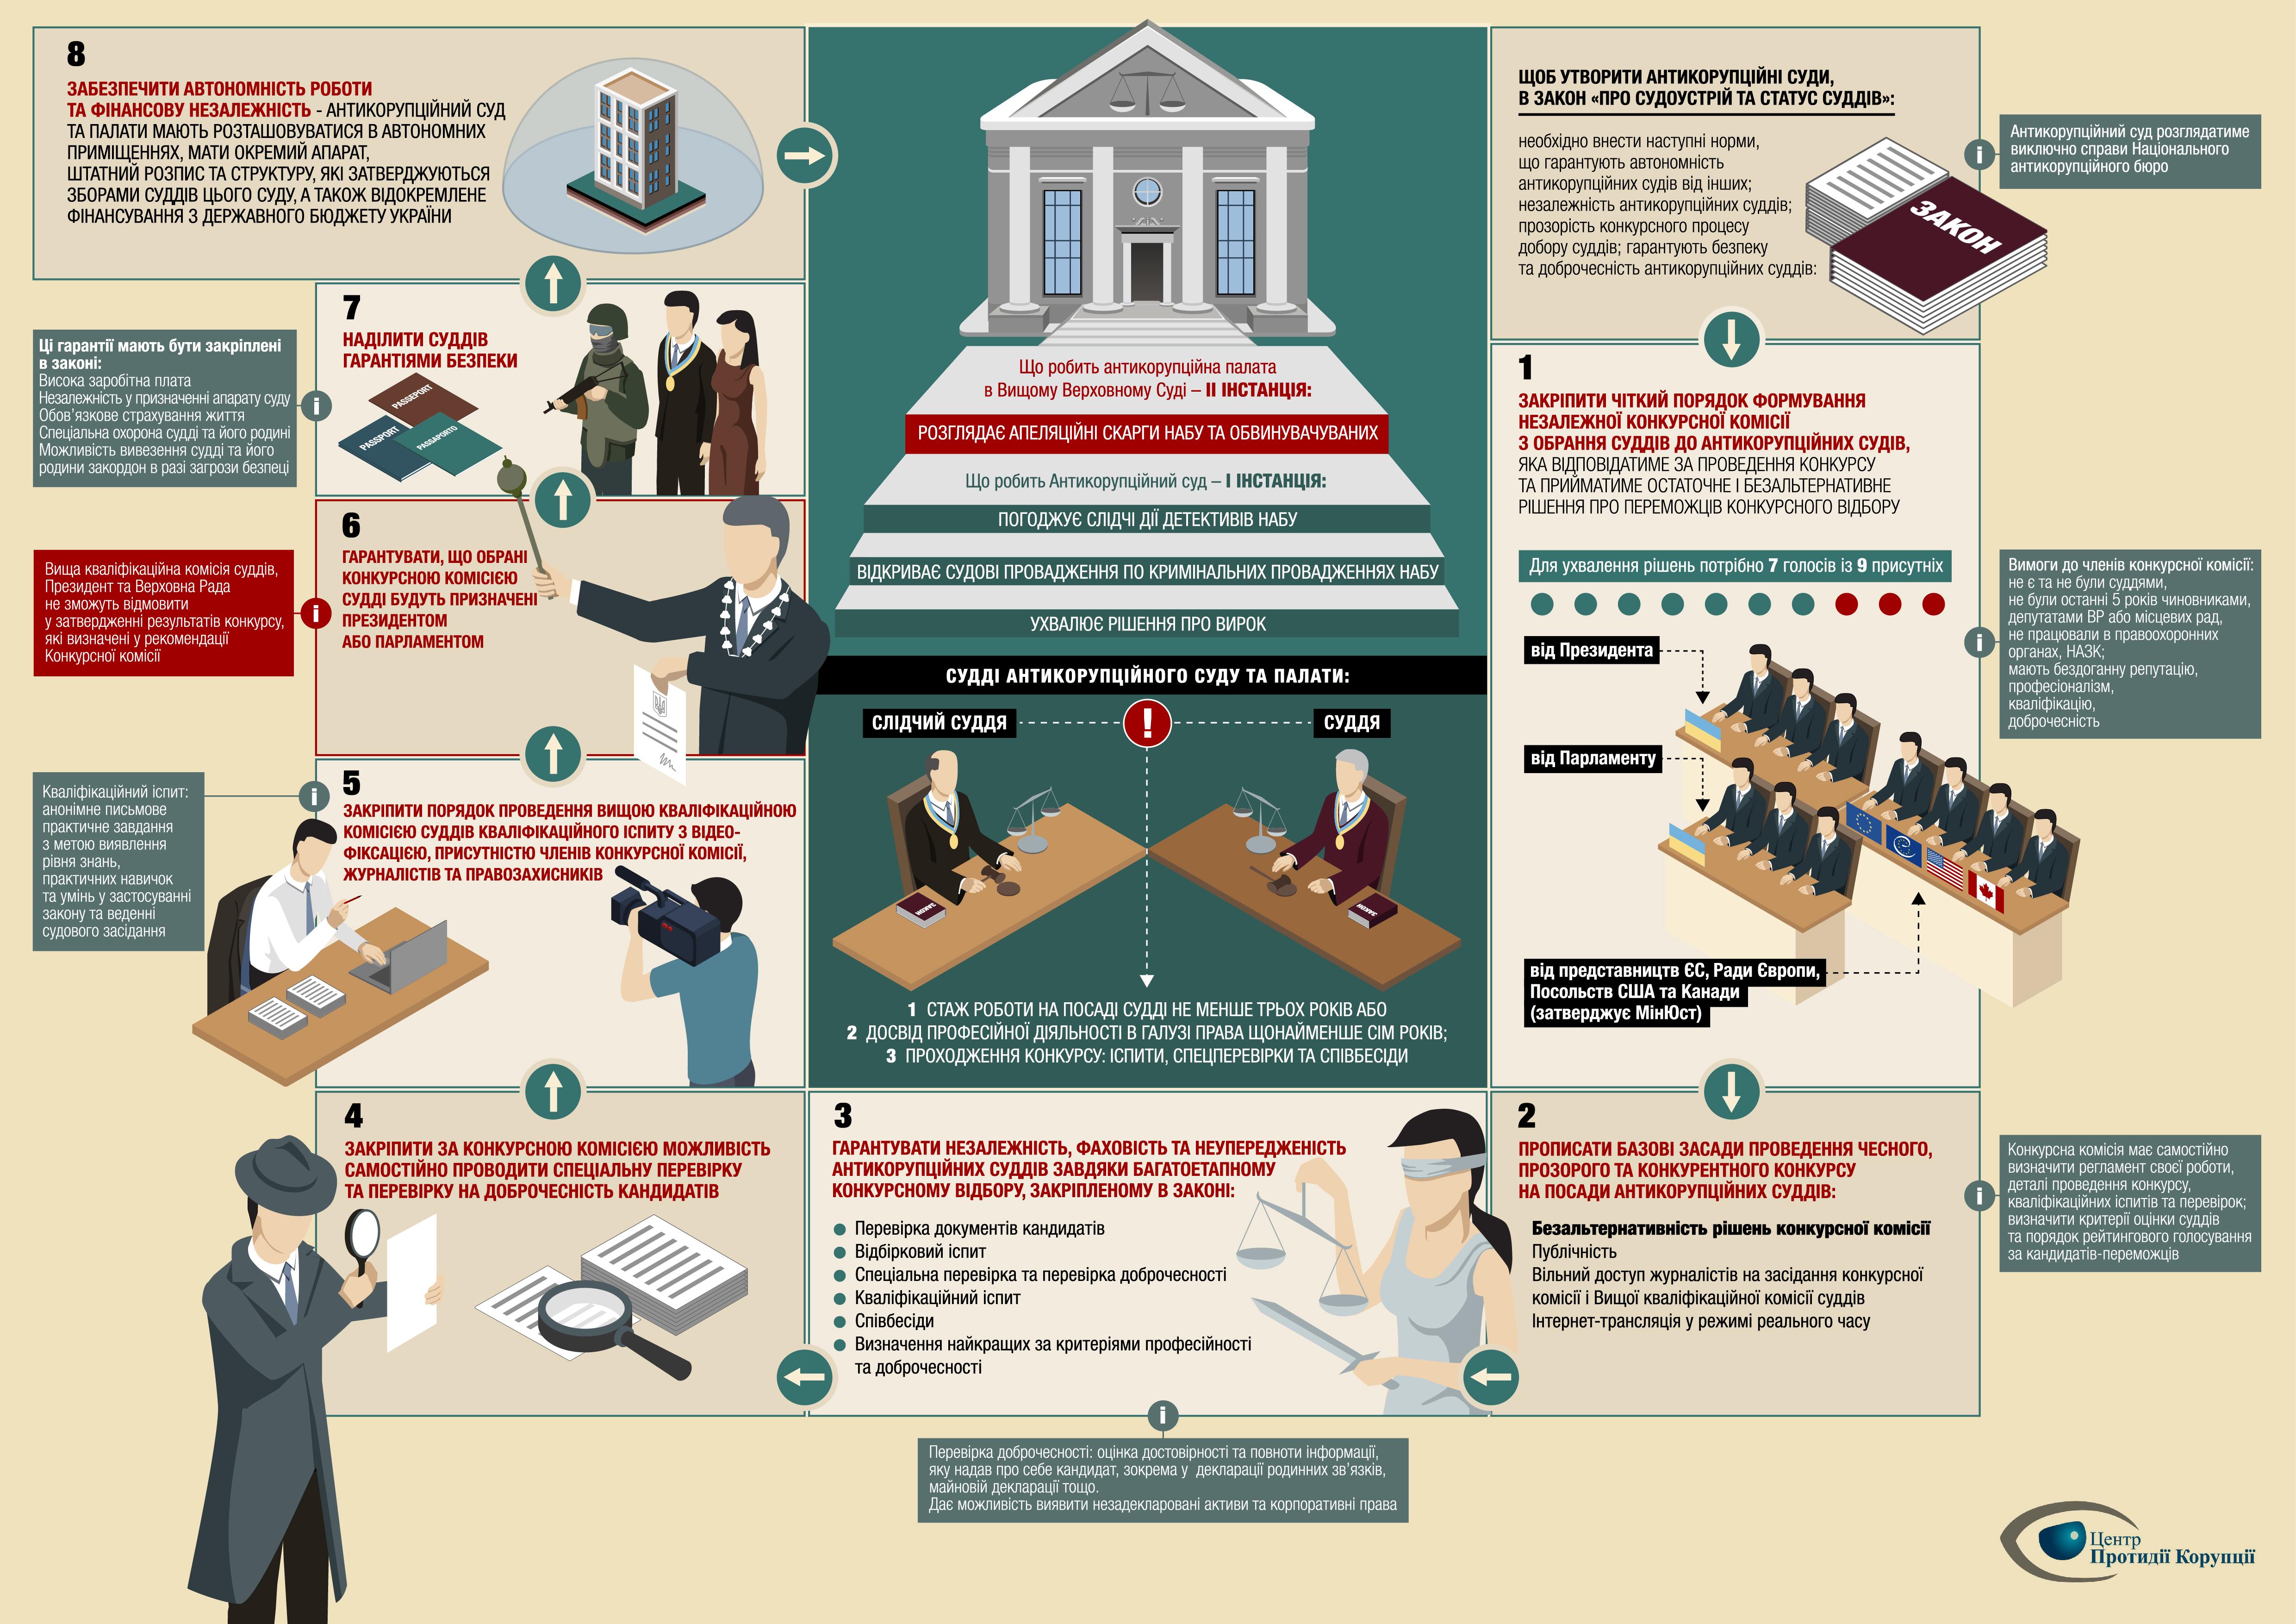 Конкурс національне антикорупційне бюро